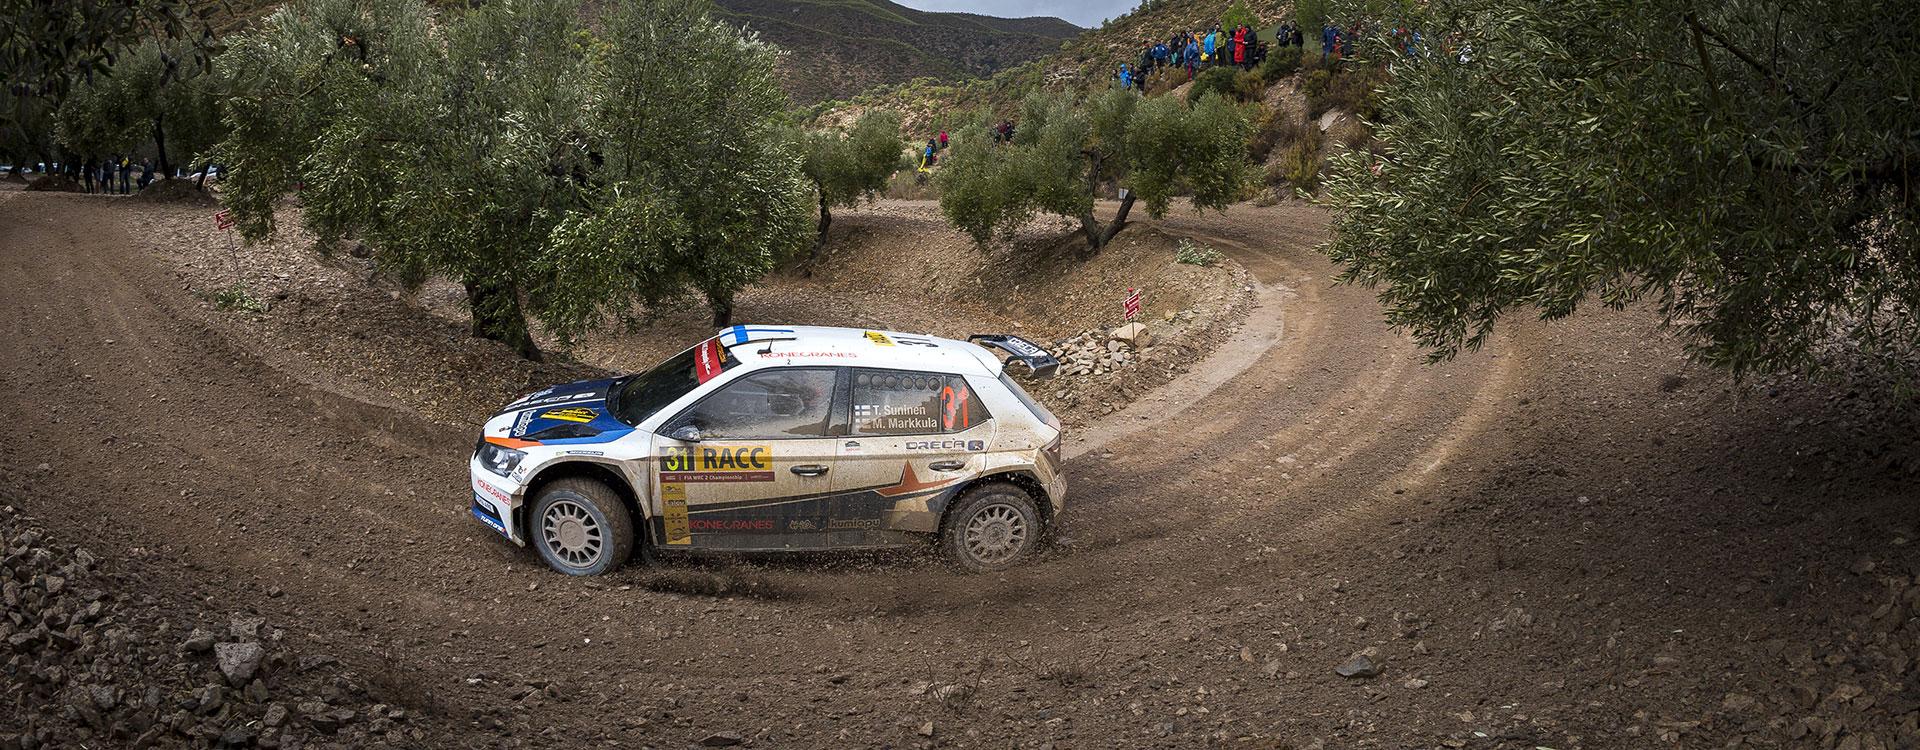 WRC Velká Británie: Zákaznické týmy ŠKODA připraveny na souboj ve waleských lesích